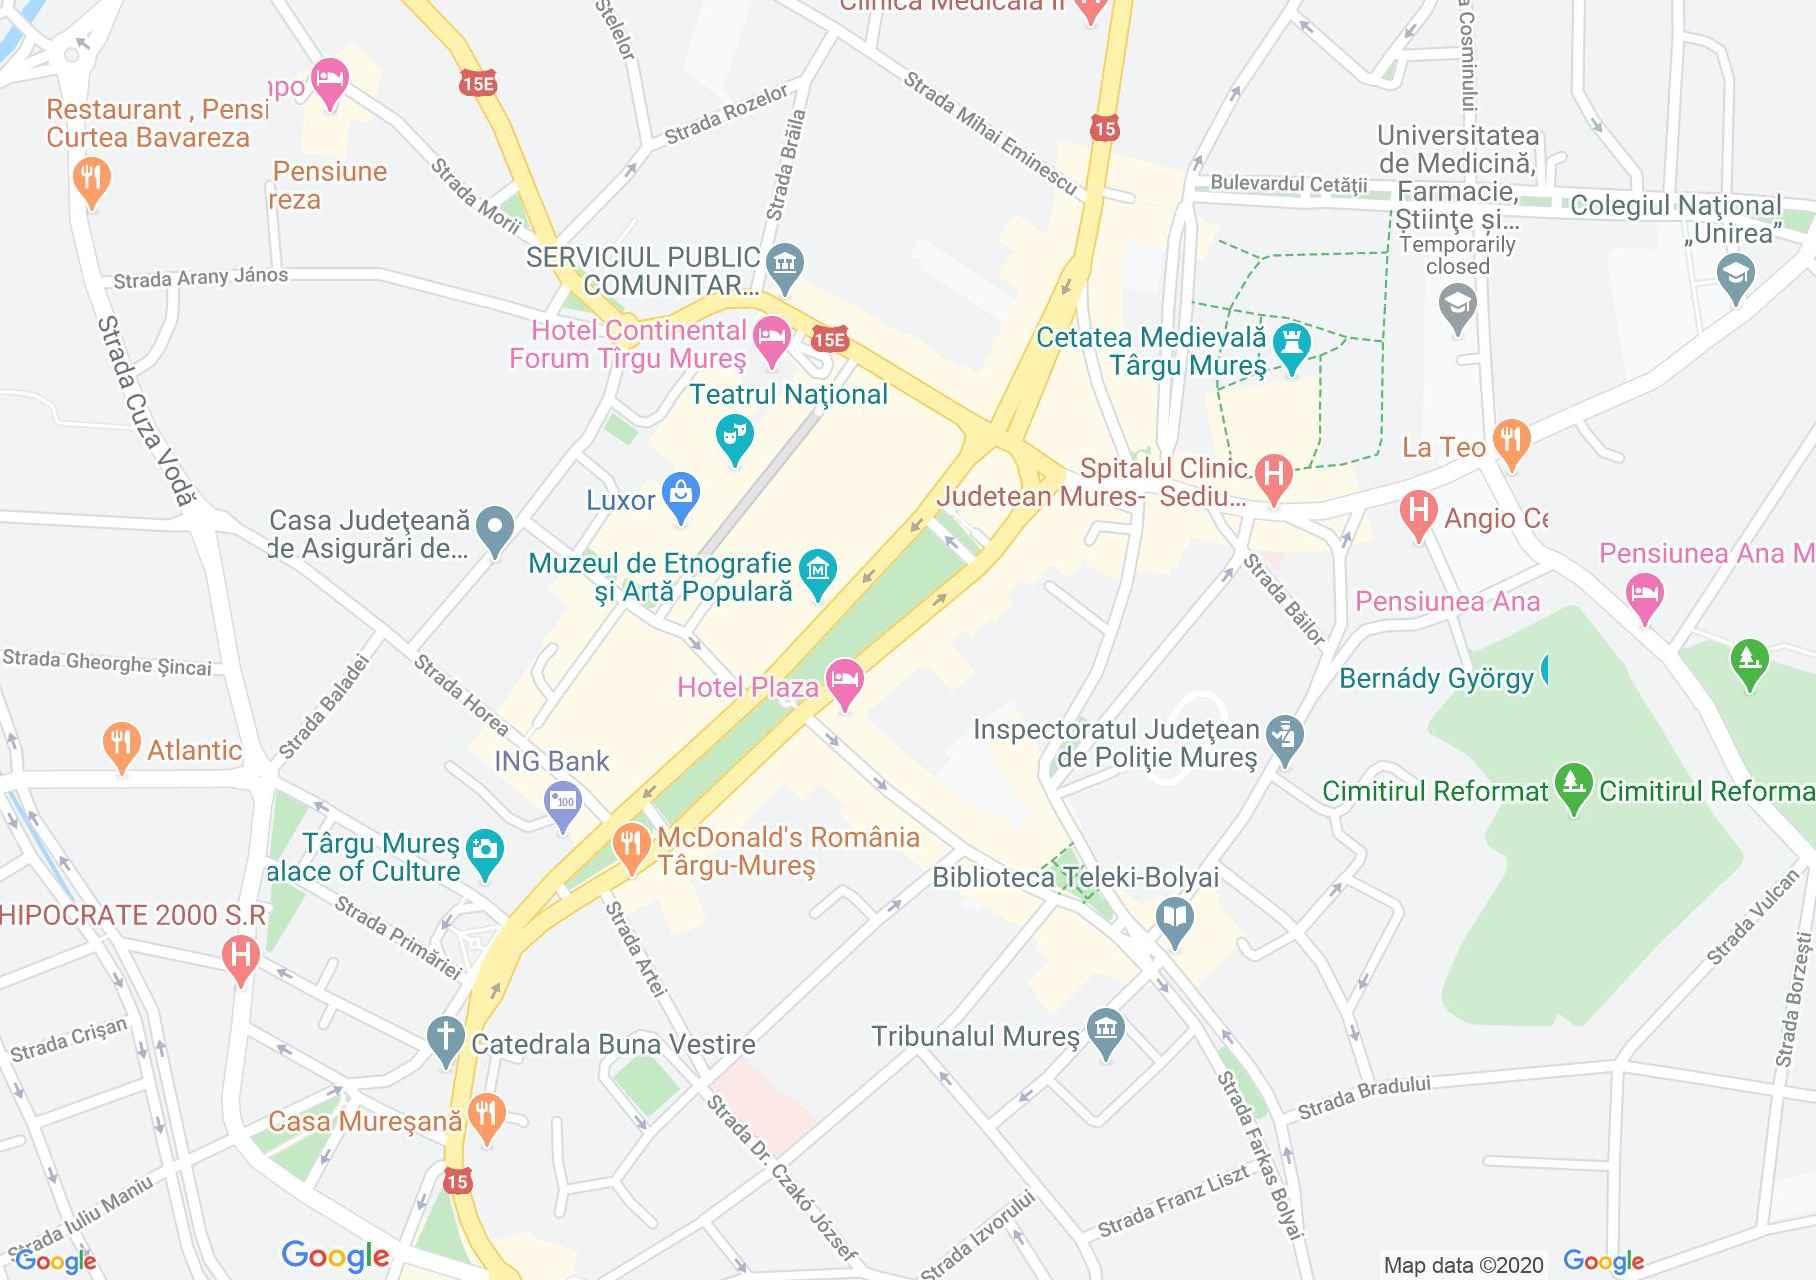 Marosvásárhely központja interaktív turista térképe.